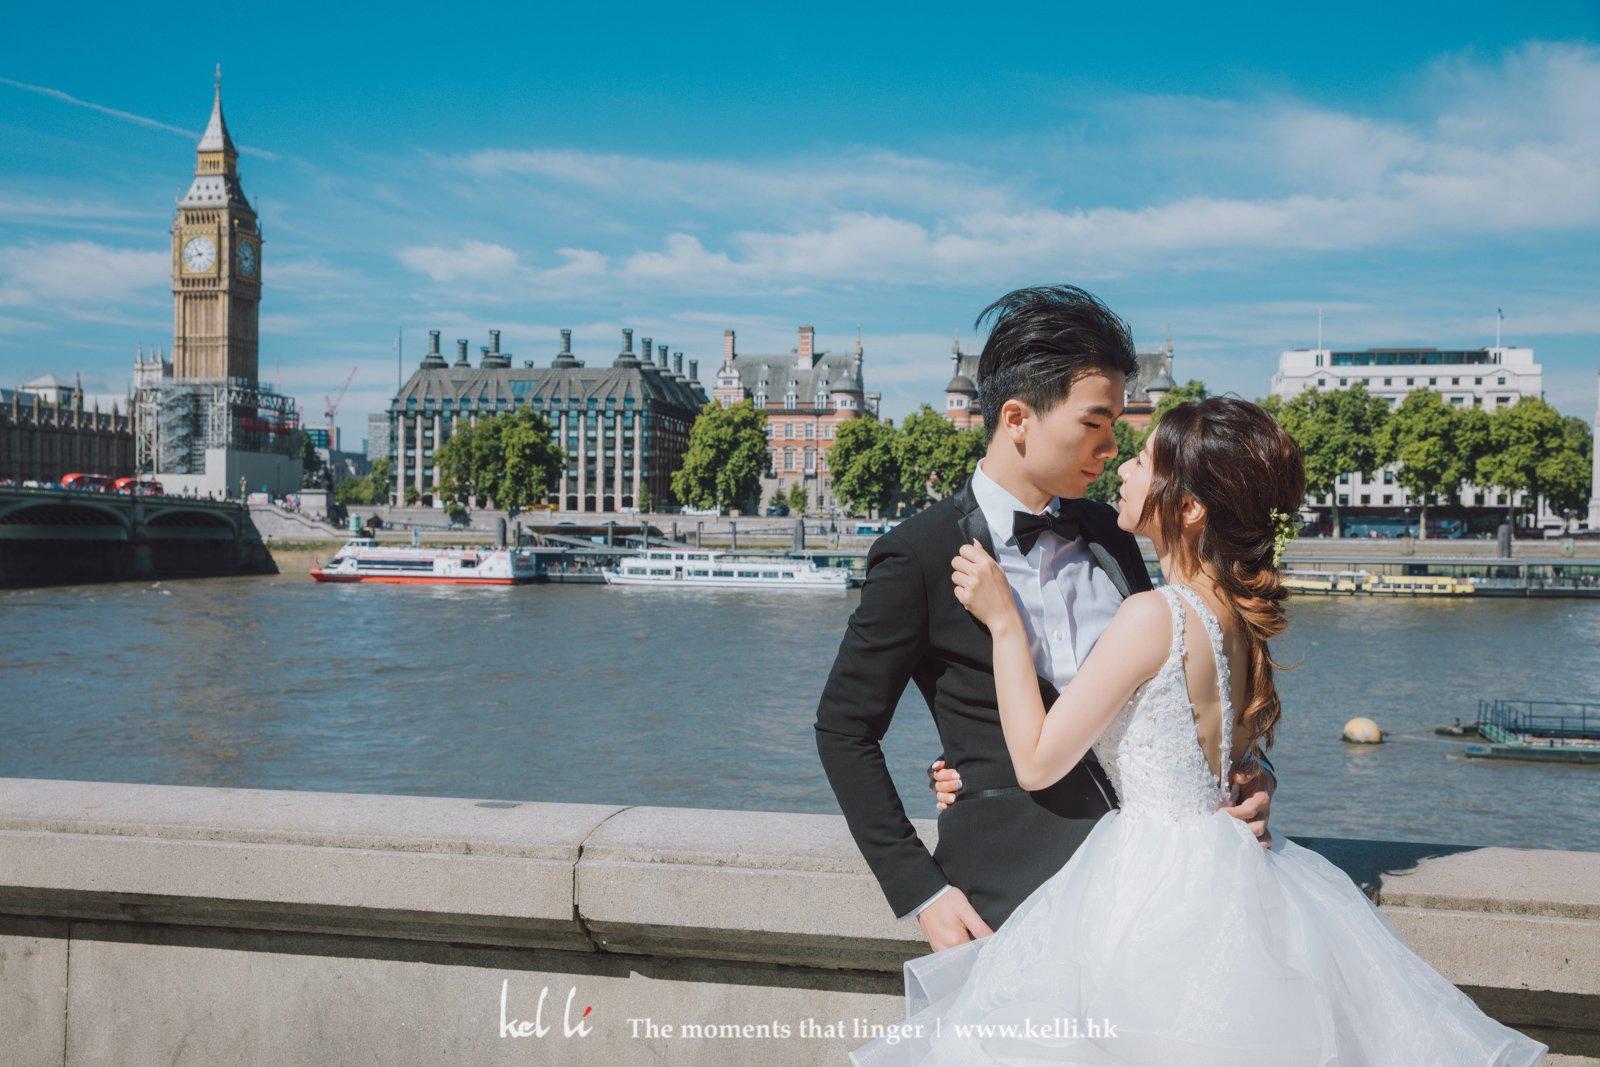 泰晤士河是倫敦的地標之一,隔岸就是著名地標London Eye及Big Ben,拍攝Prewedding是很集中